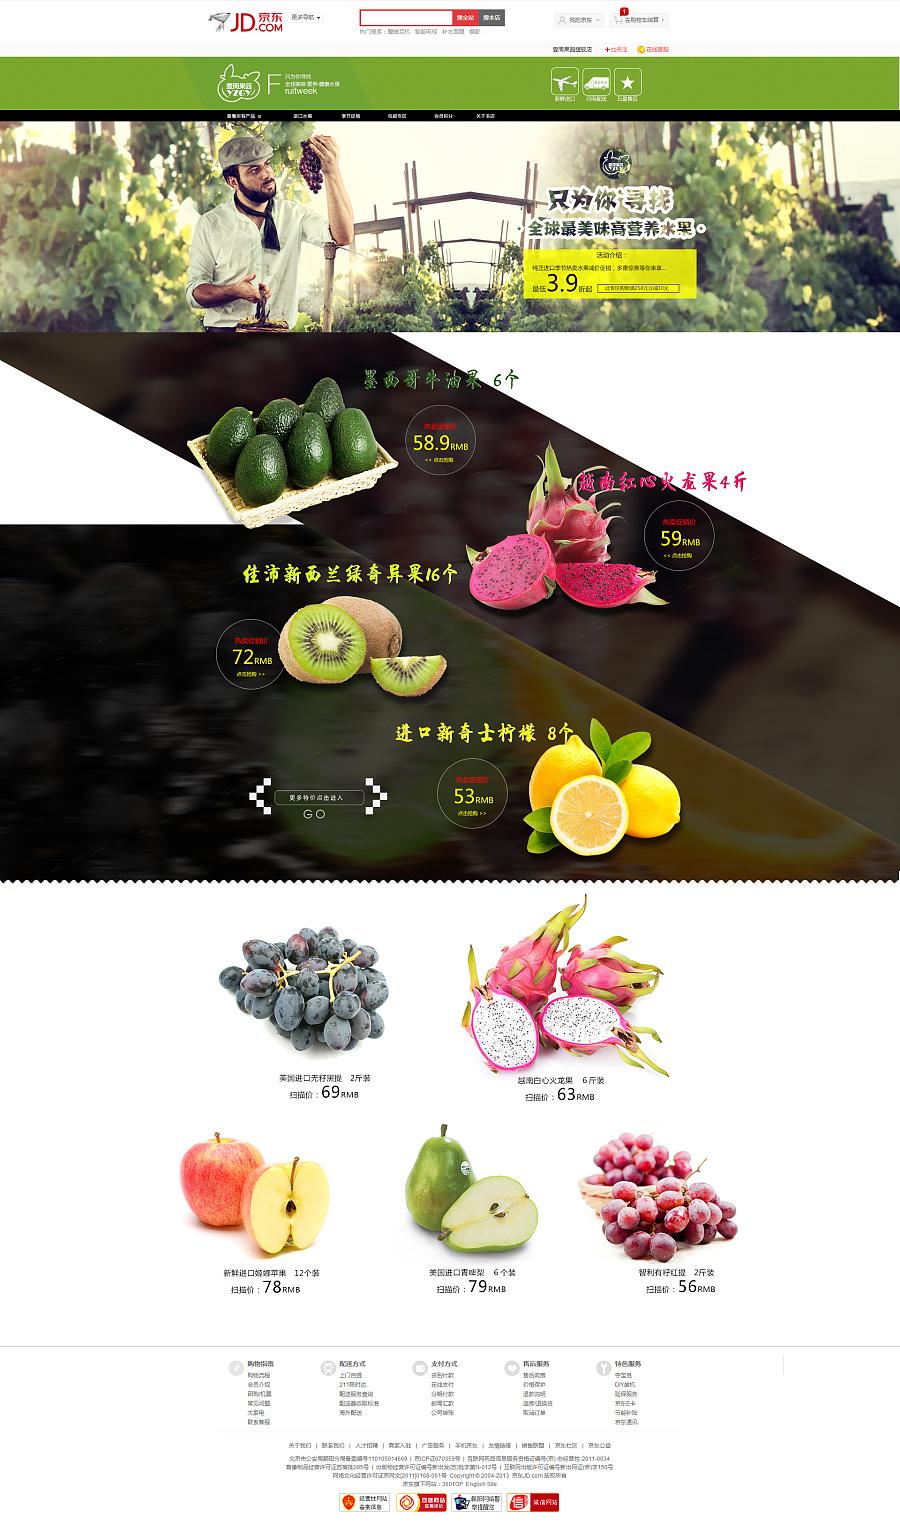 电商设计 网页设计 水果 牛油果 柠檬 黑提 红提 火龙图片